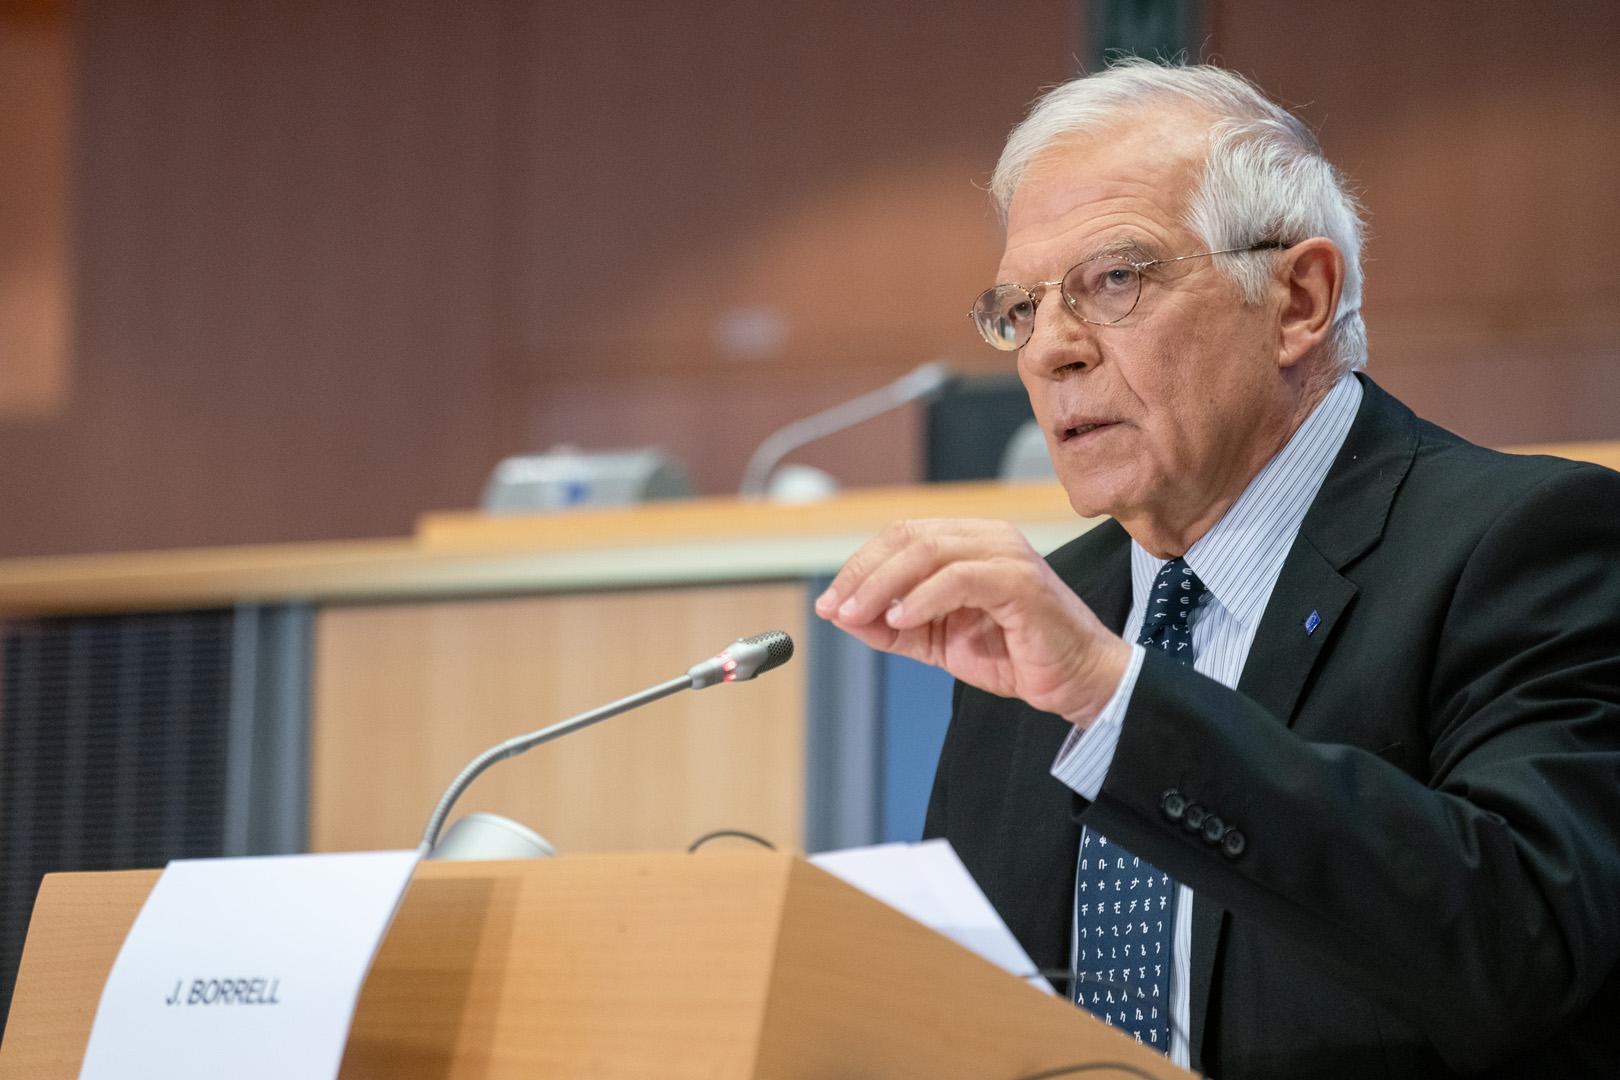 مفوض السياسة الخارجية في الاتحاد الأوروبي جوزيب بوريل